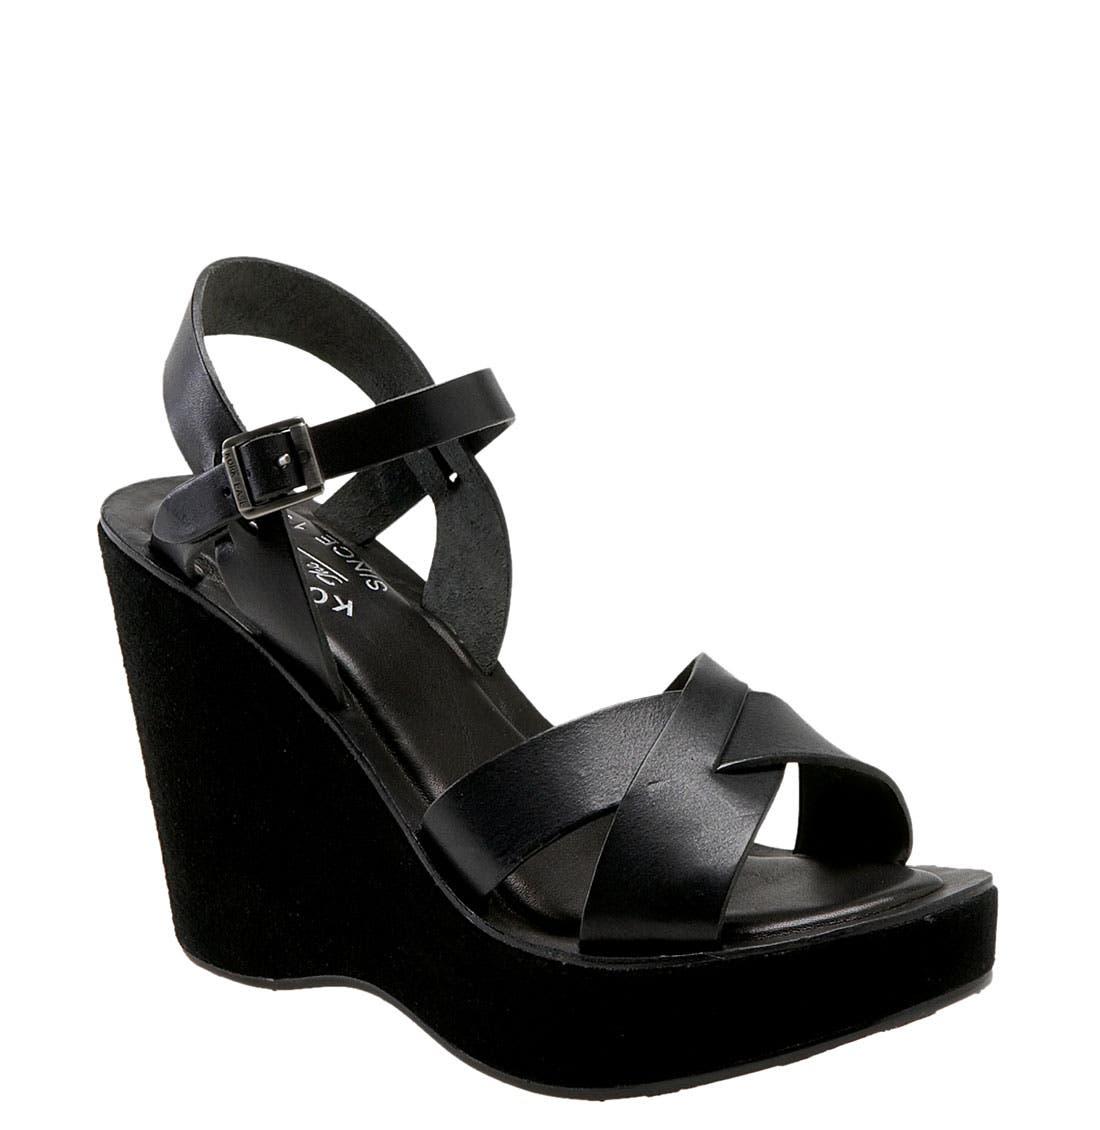 Kork-Ease 'Bette' Wedge Sandal